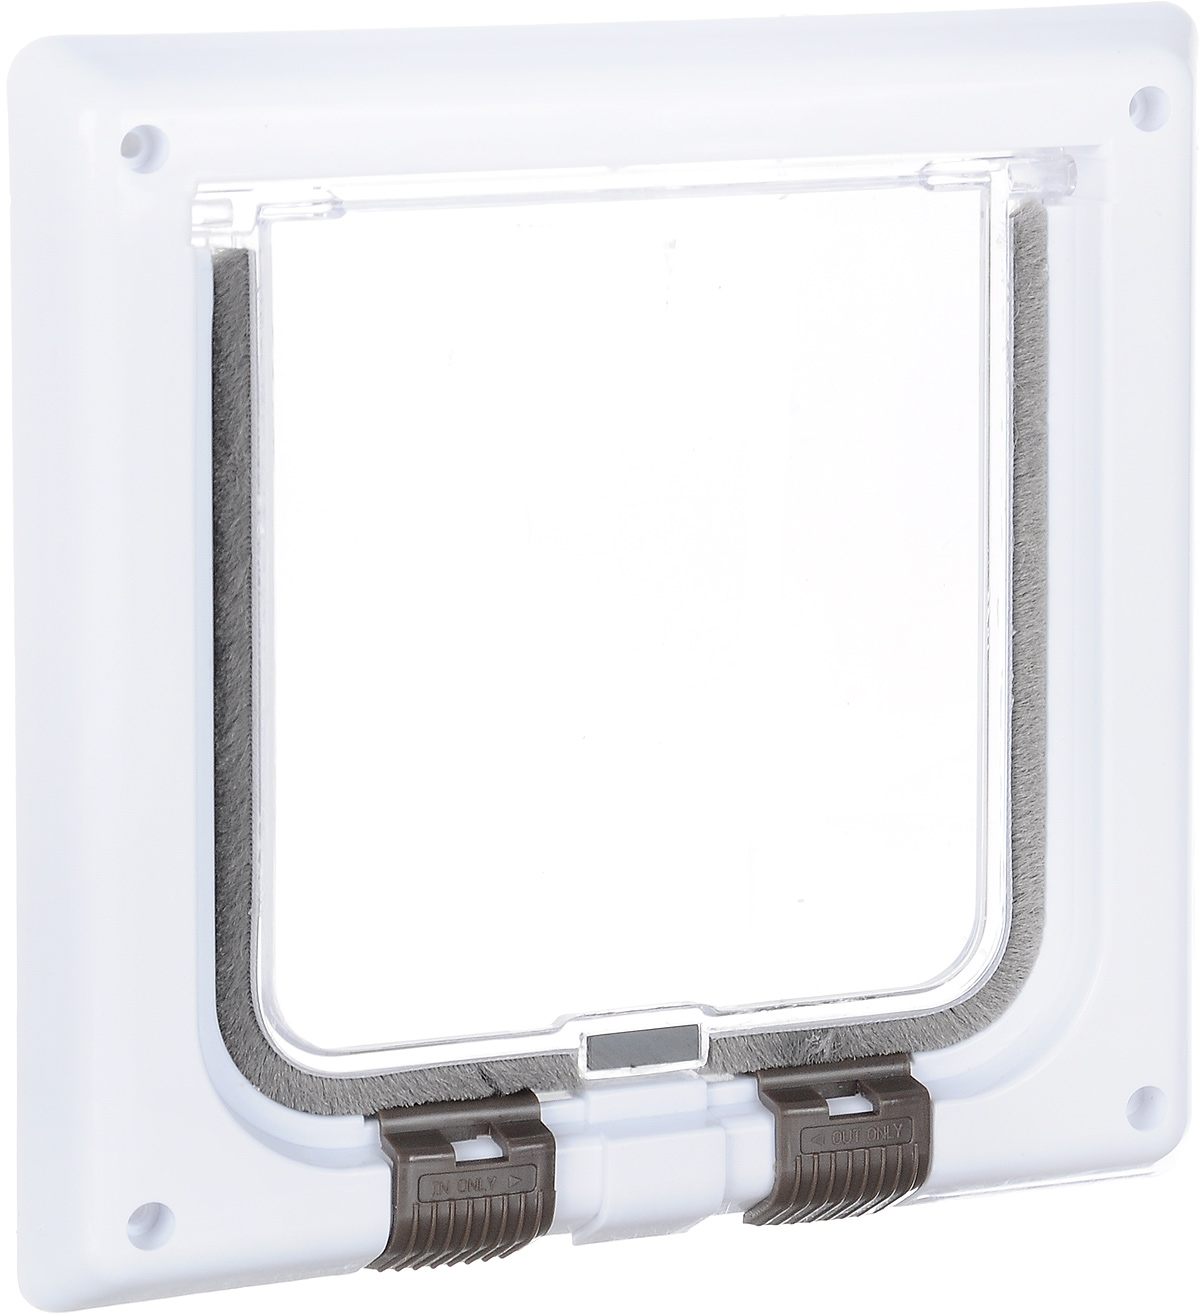 Дверца для кошки Trixie, с 4 функциями, цвет: белый, 16,5 х 17,4 см38621_белыйМногие кошки сталлкиваются с проблемой выхода на улицу. Дверь поможет решить эту проблему. В двери предусмотрено 4 функции: Открыто и Закрыто. Дверь легко монтируется во входную дверь.прозрачная, тихого действия.со специальным уплотнением и магнитным замком.с замком безопасности.